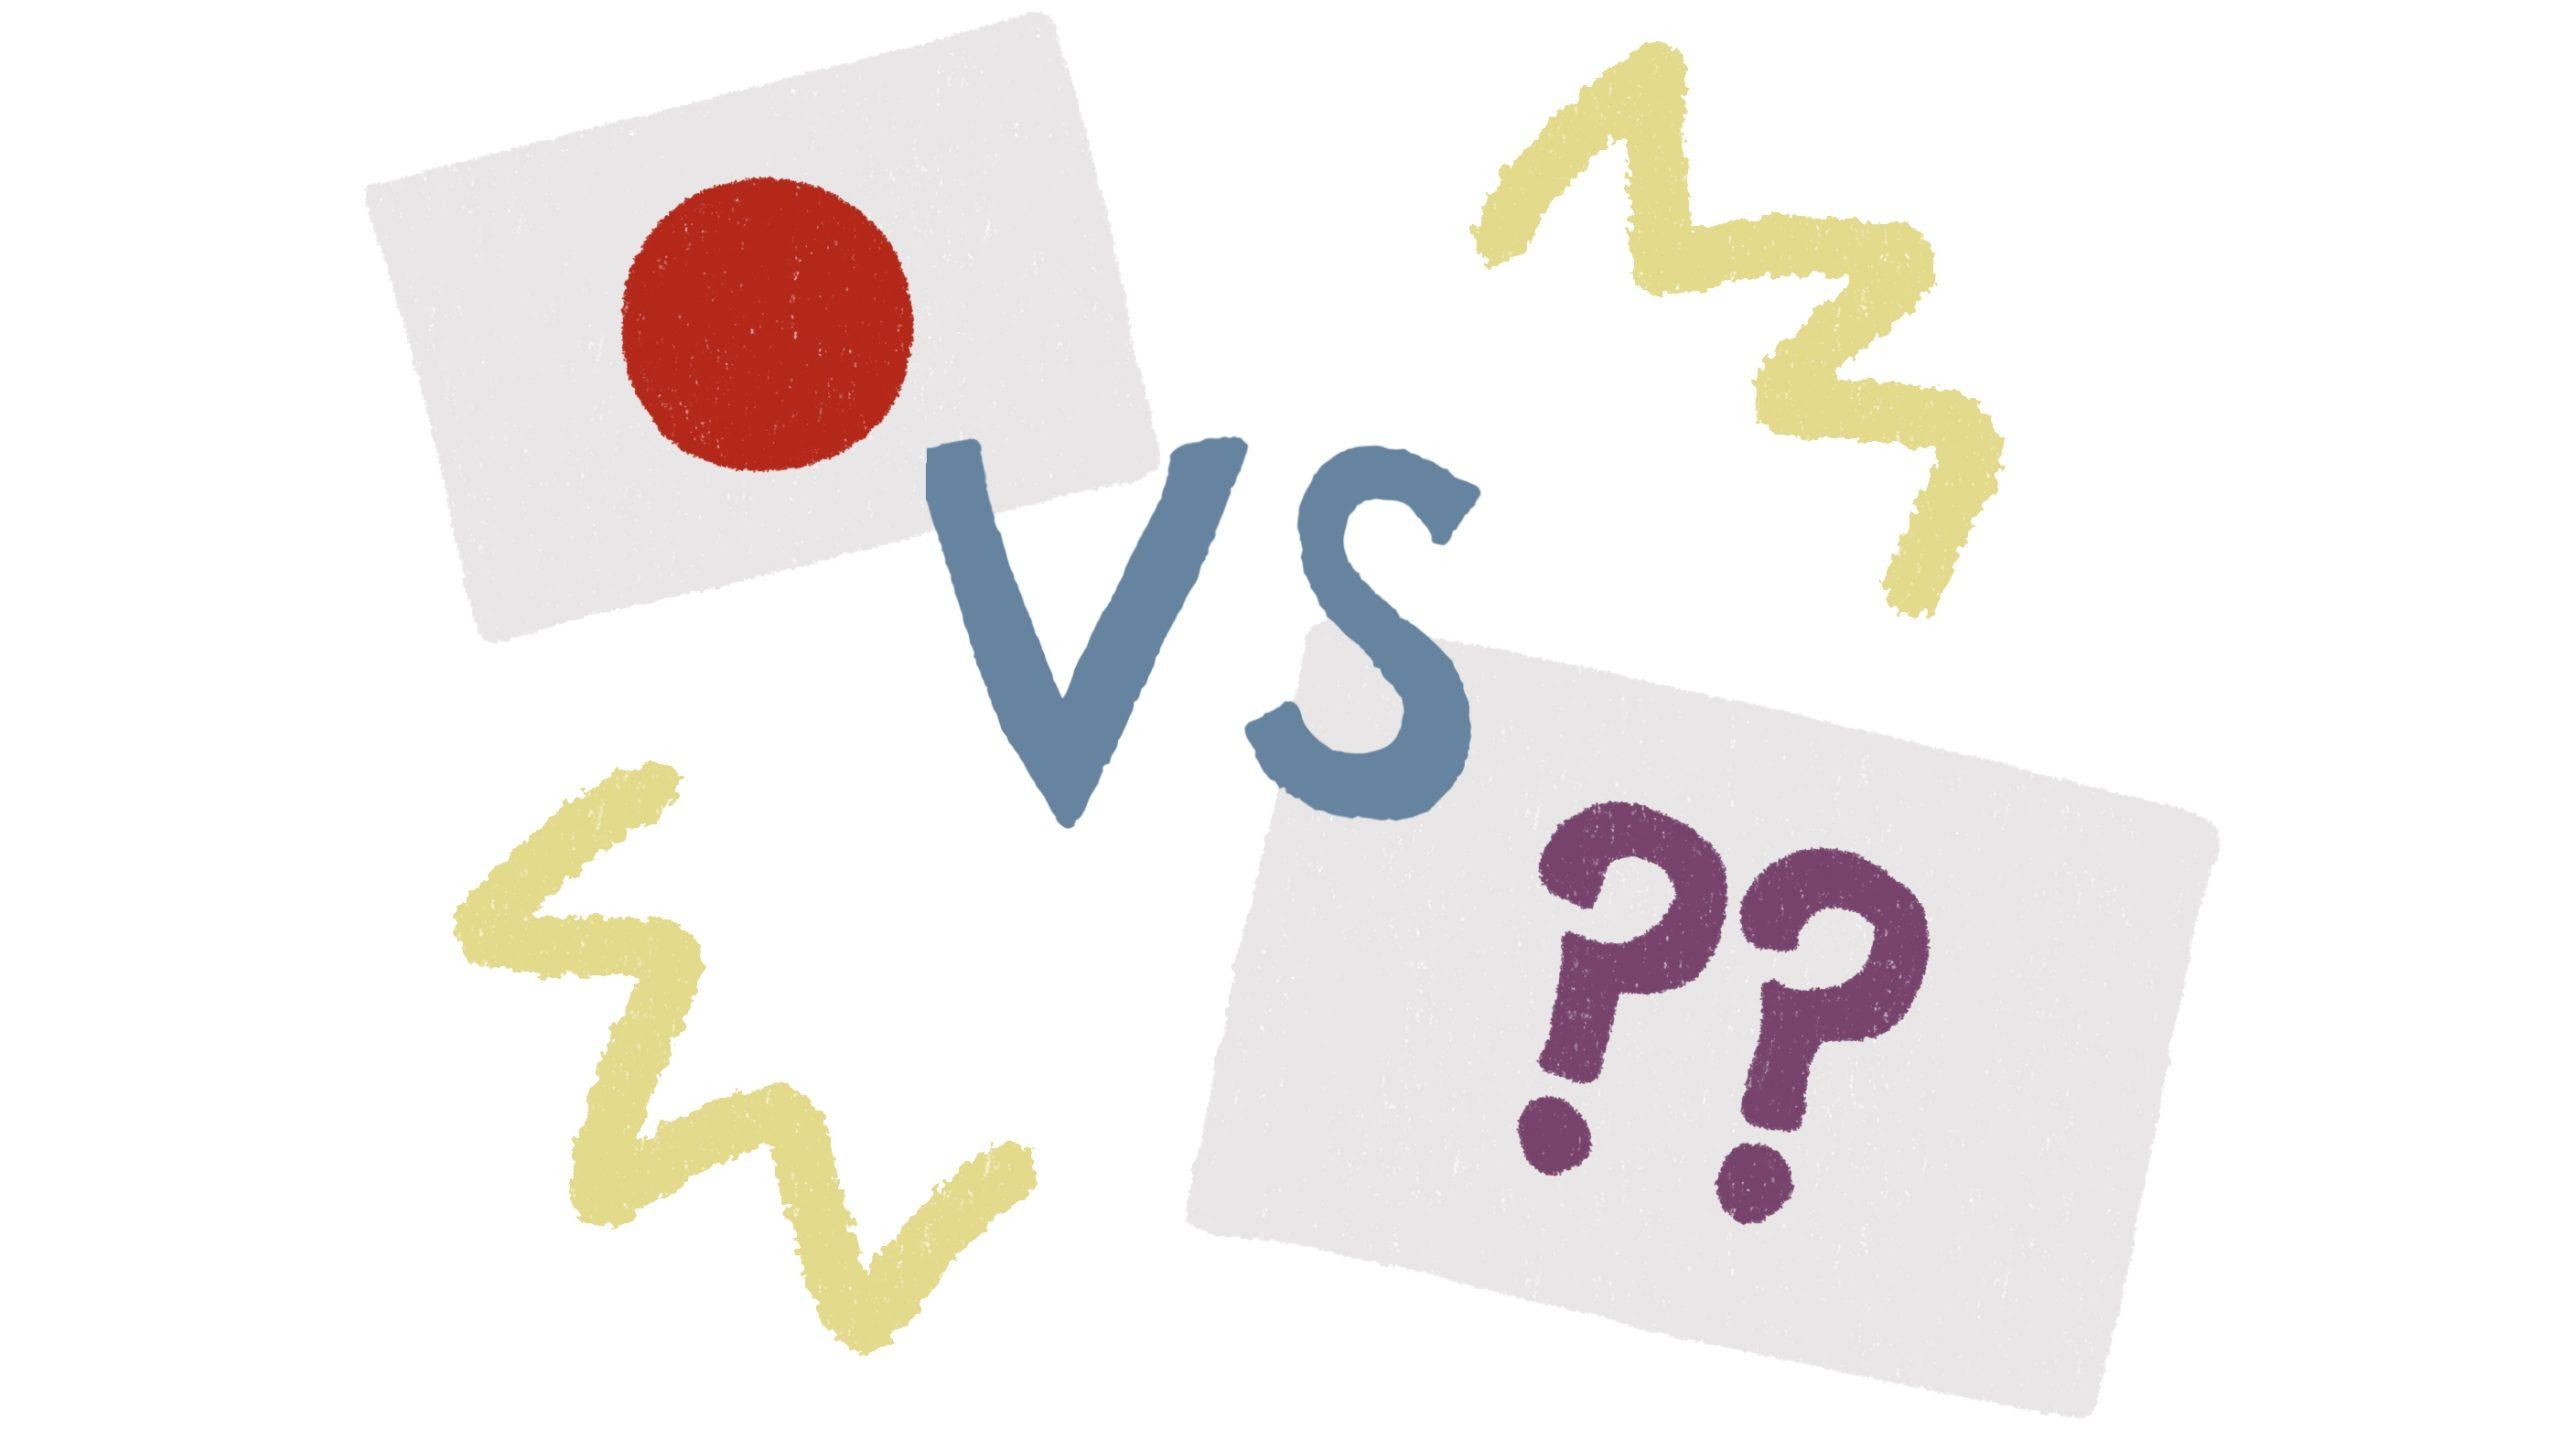 Japan VS -